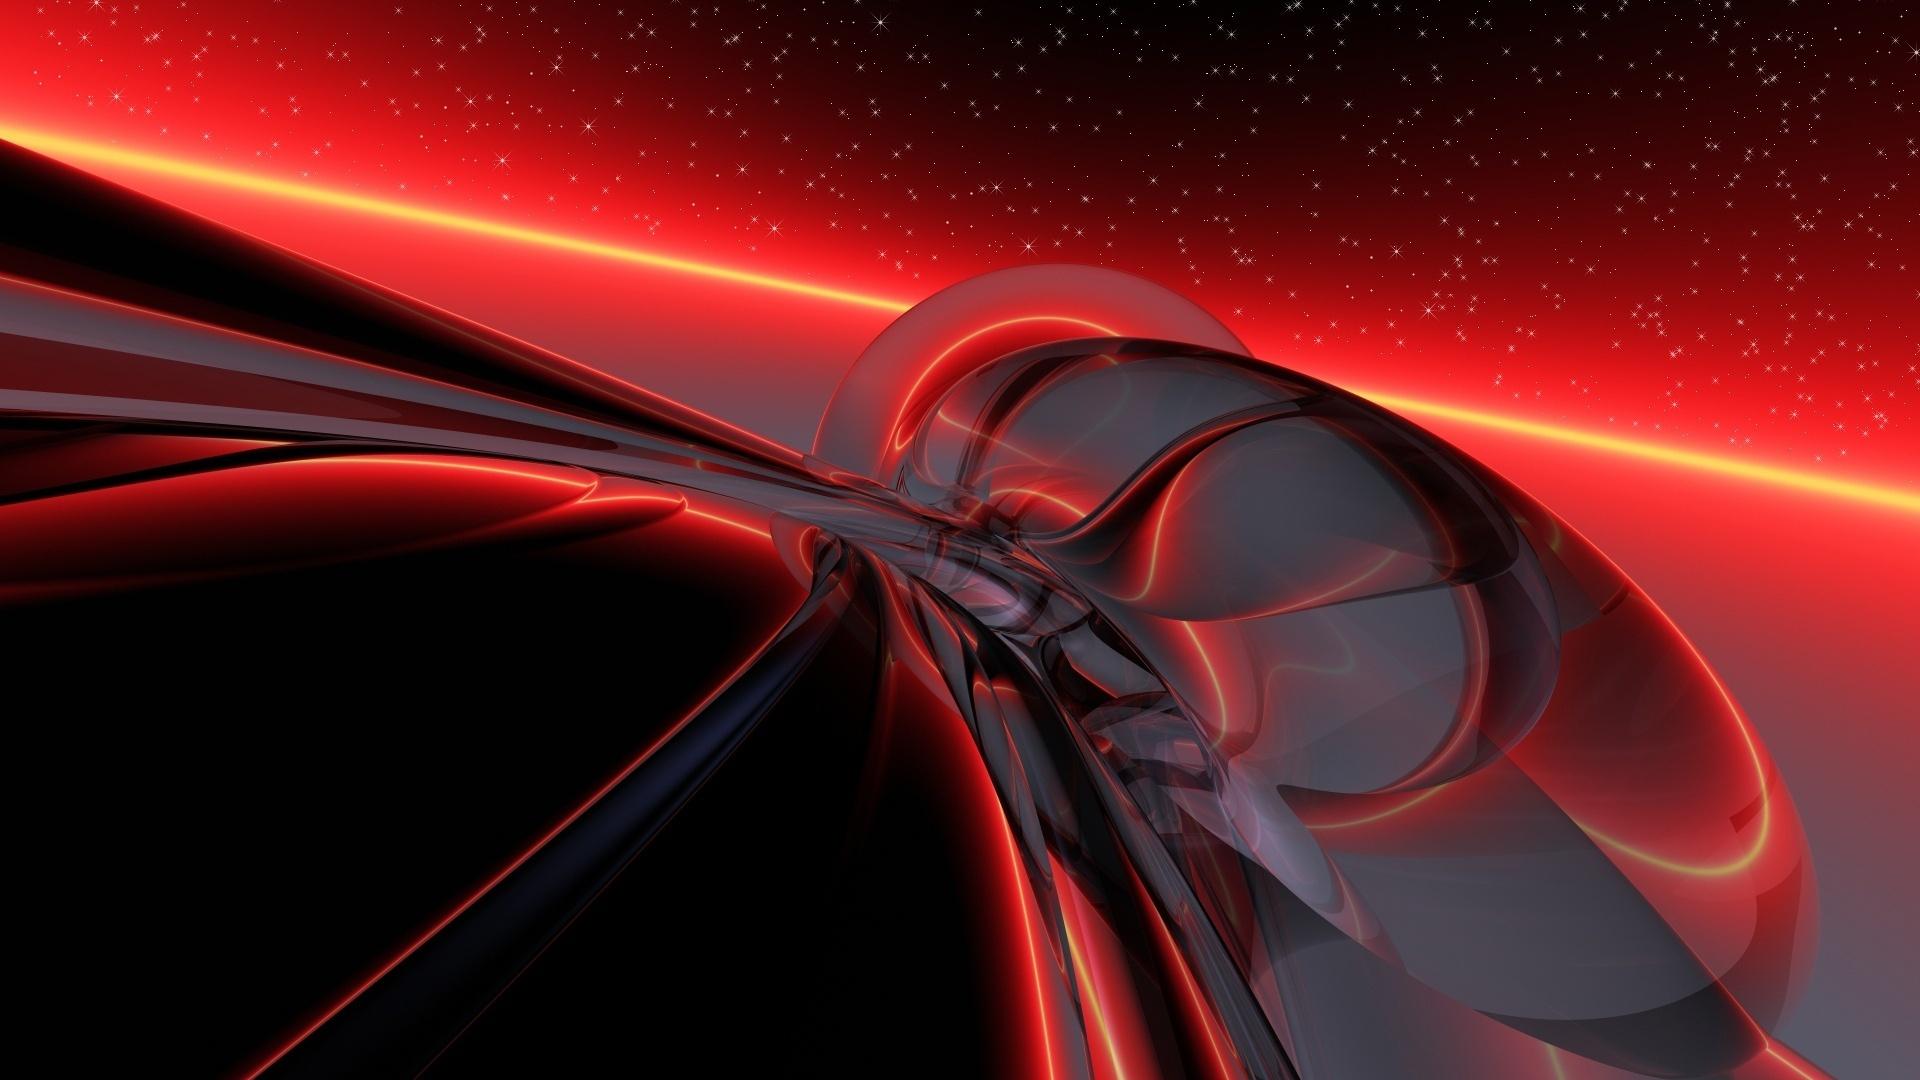 графика абстракция линии красные  № 3664336 бесплатно